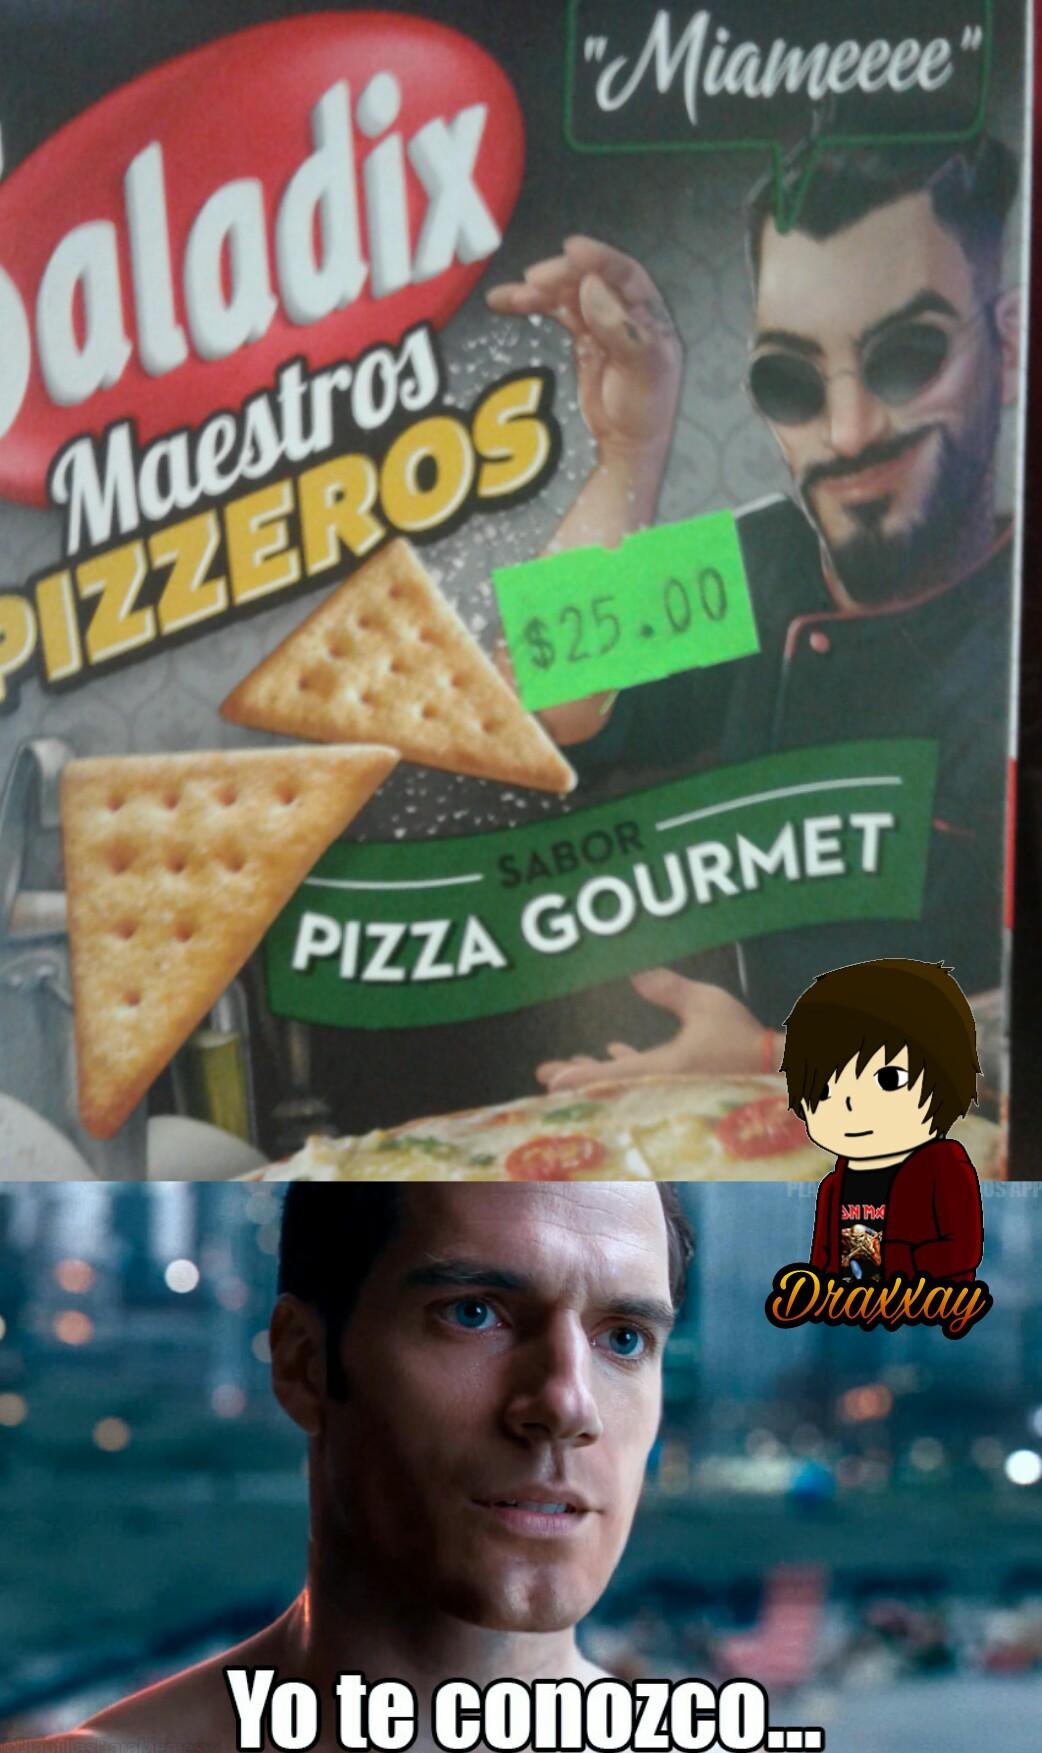 El título se fue a comer saladix (Ví este paquete y se me ocurrió el meme xD)